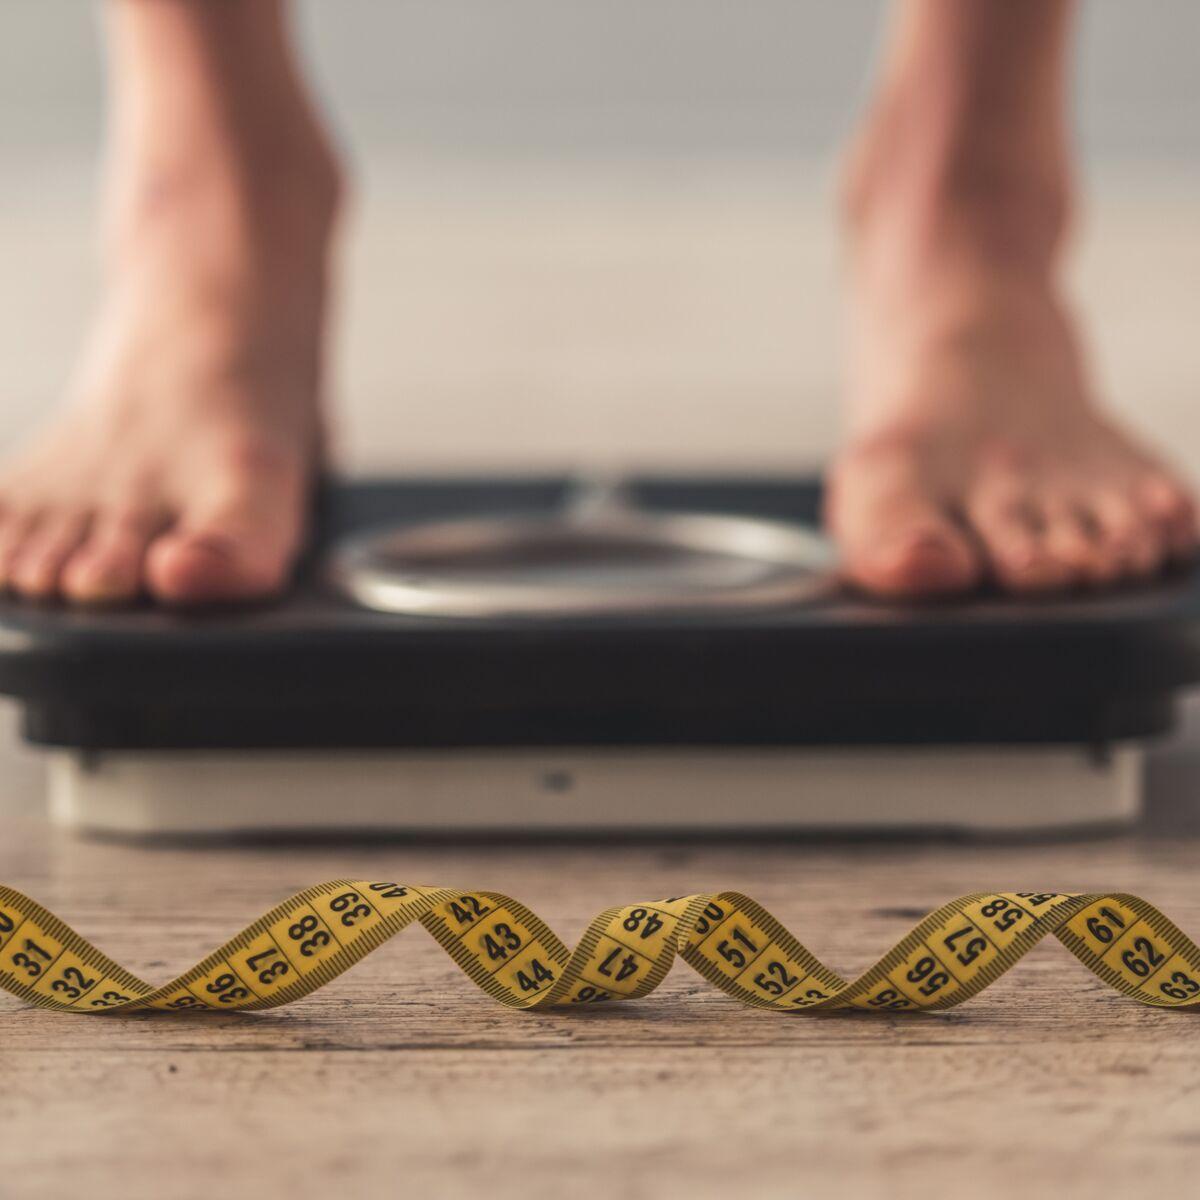 perte de poids eupepsie avez-vous perdu du poids après avoir arrêté seroquel